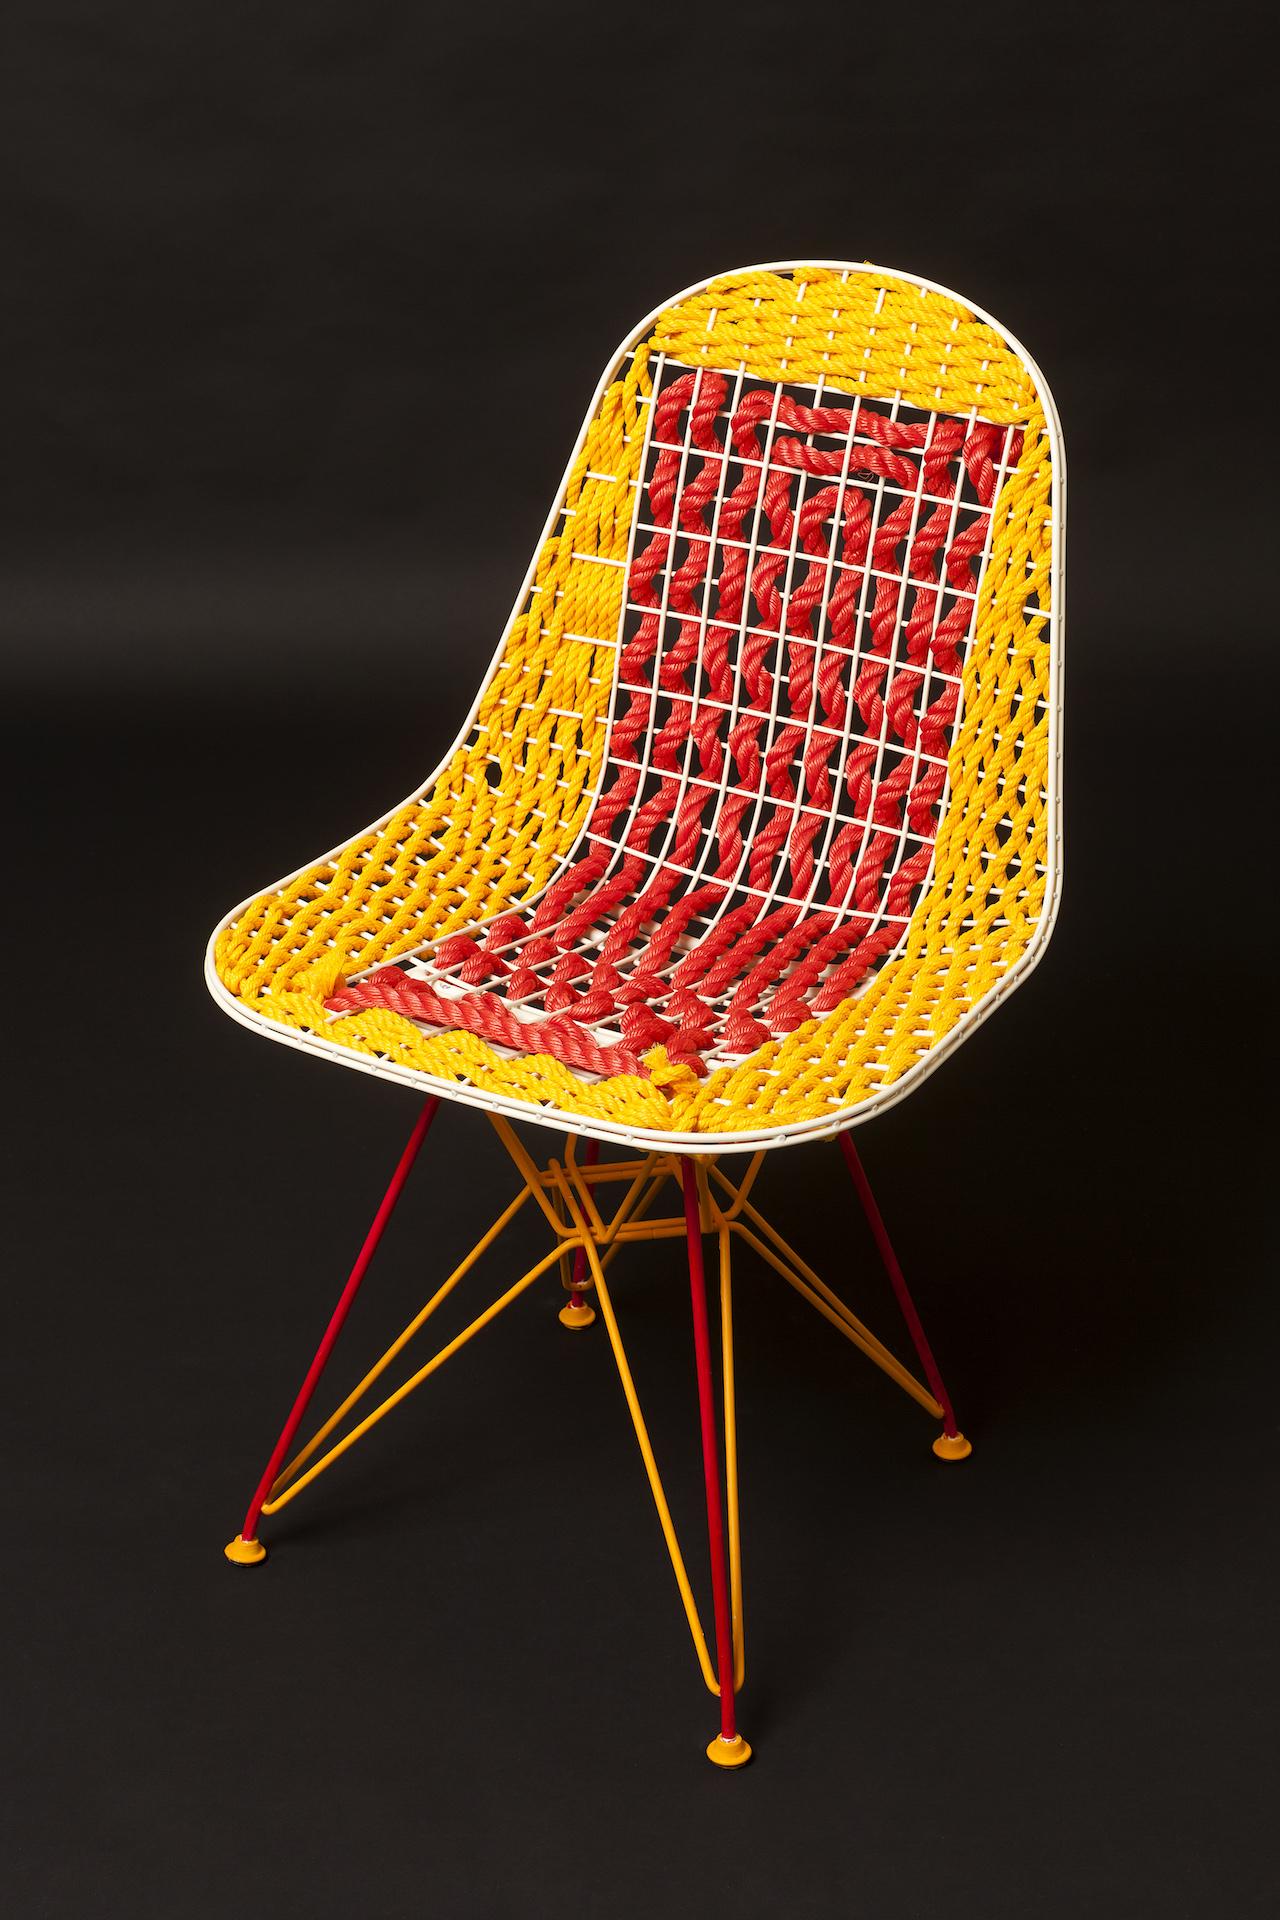 14.Rope Chair by FranckEvennou ©HugoMiserey